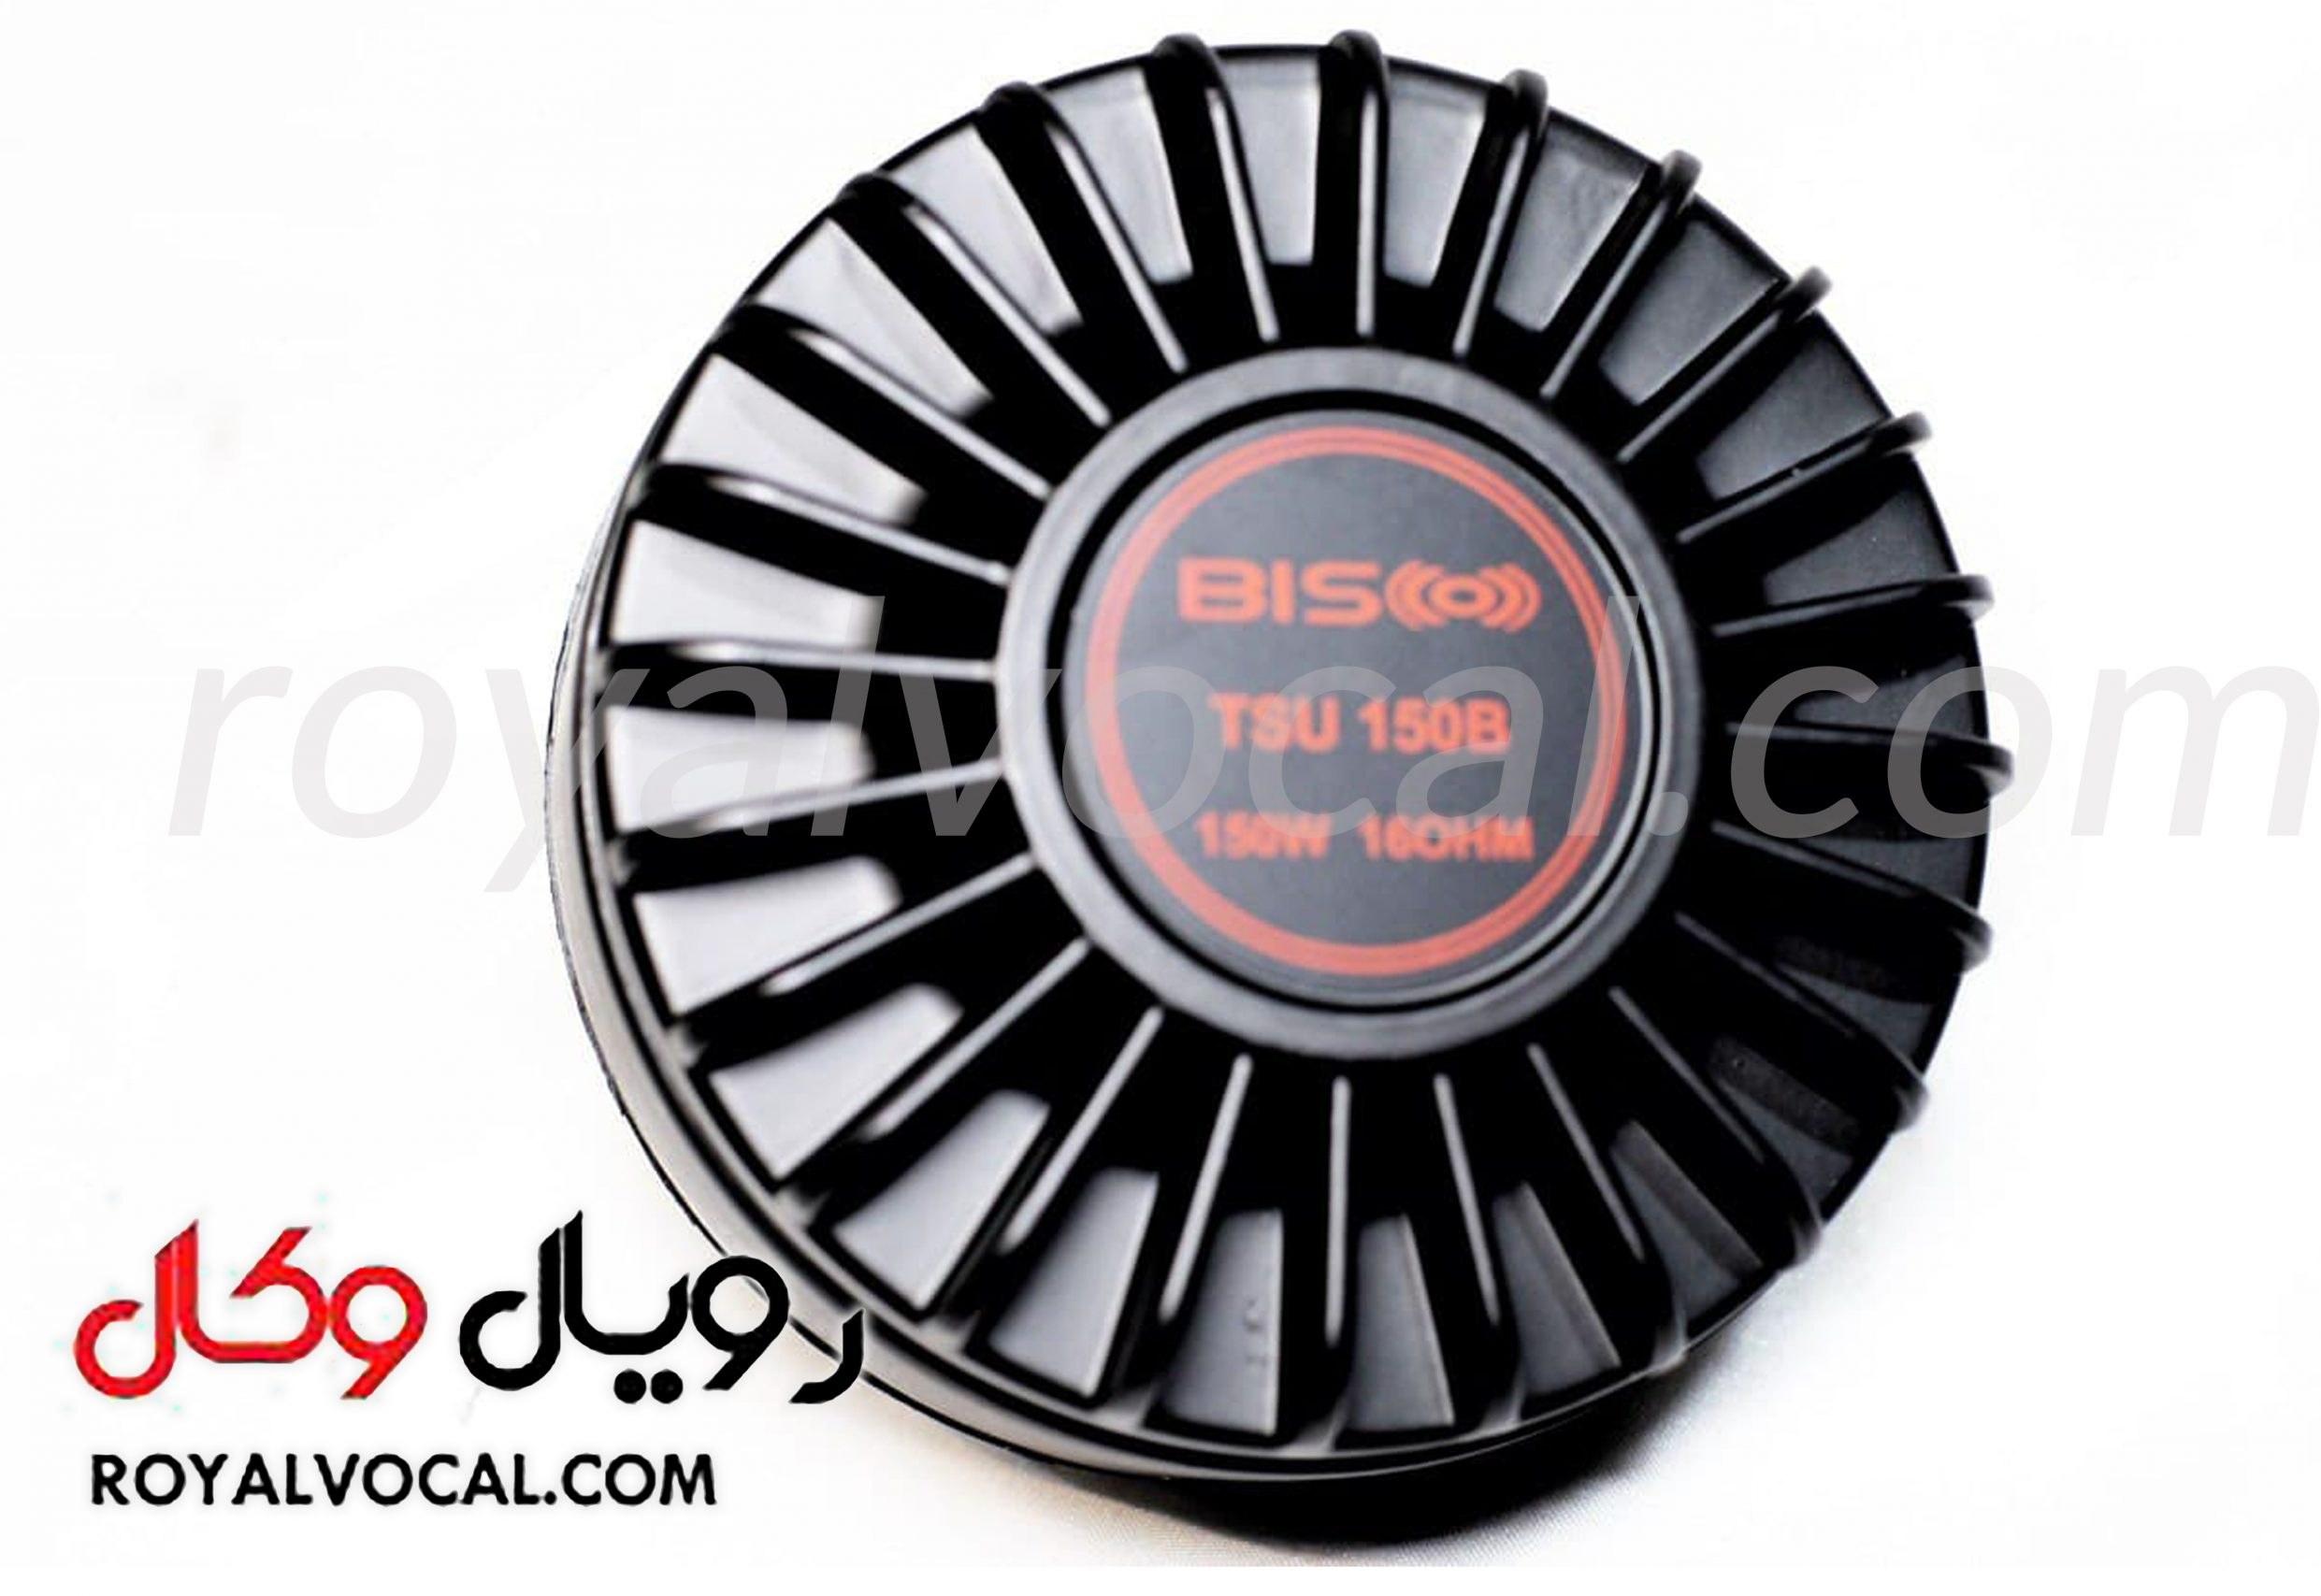 تصویر درایور یونیت بیسکو مدل TSU-150B